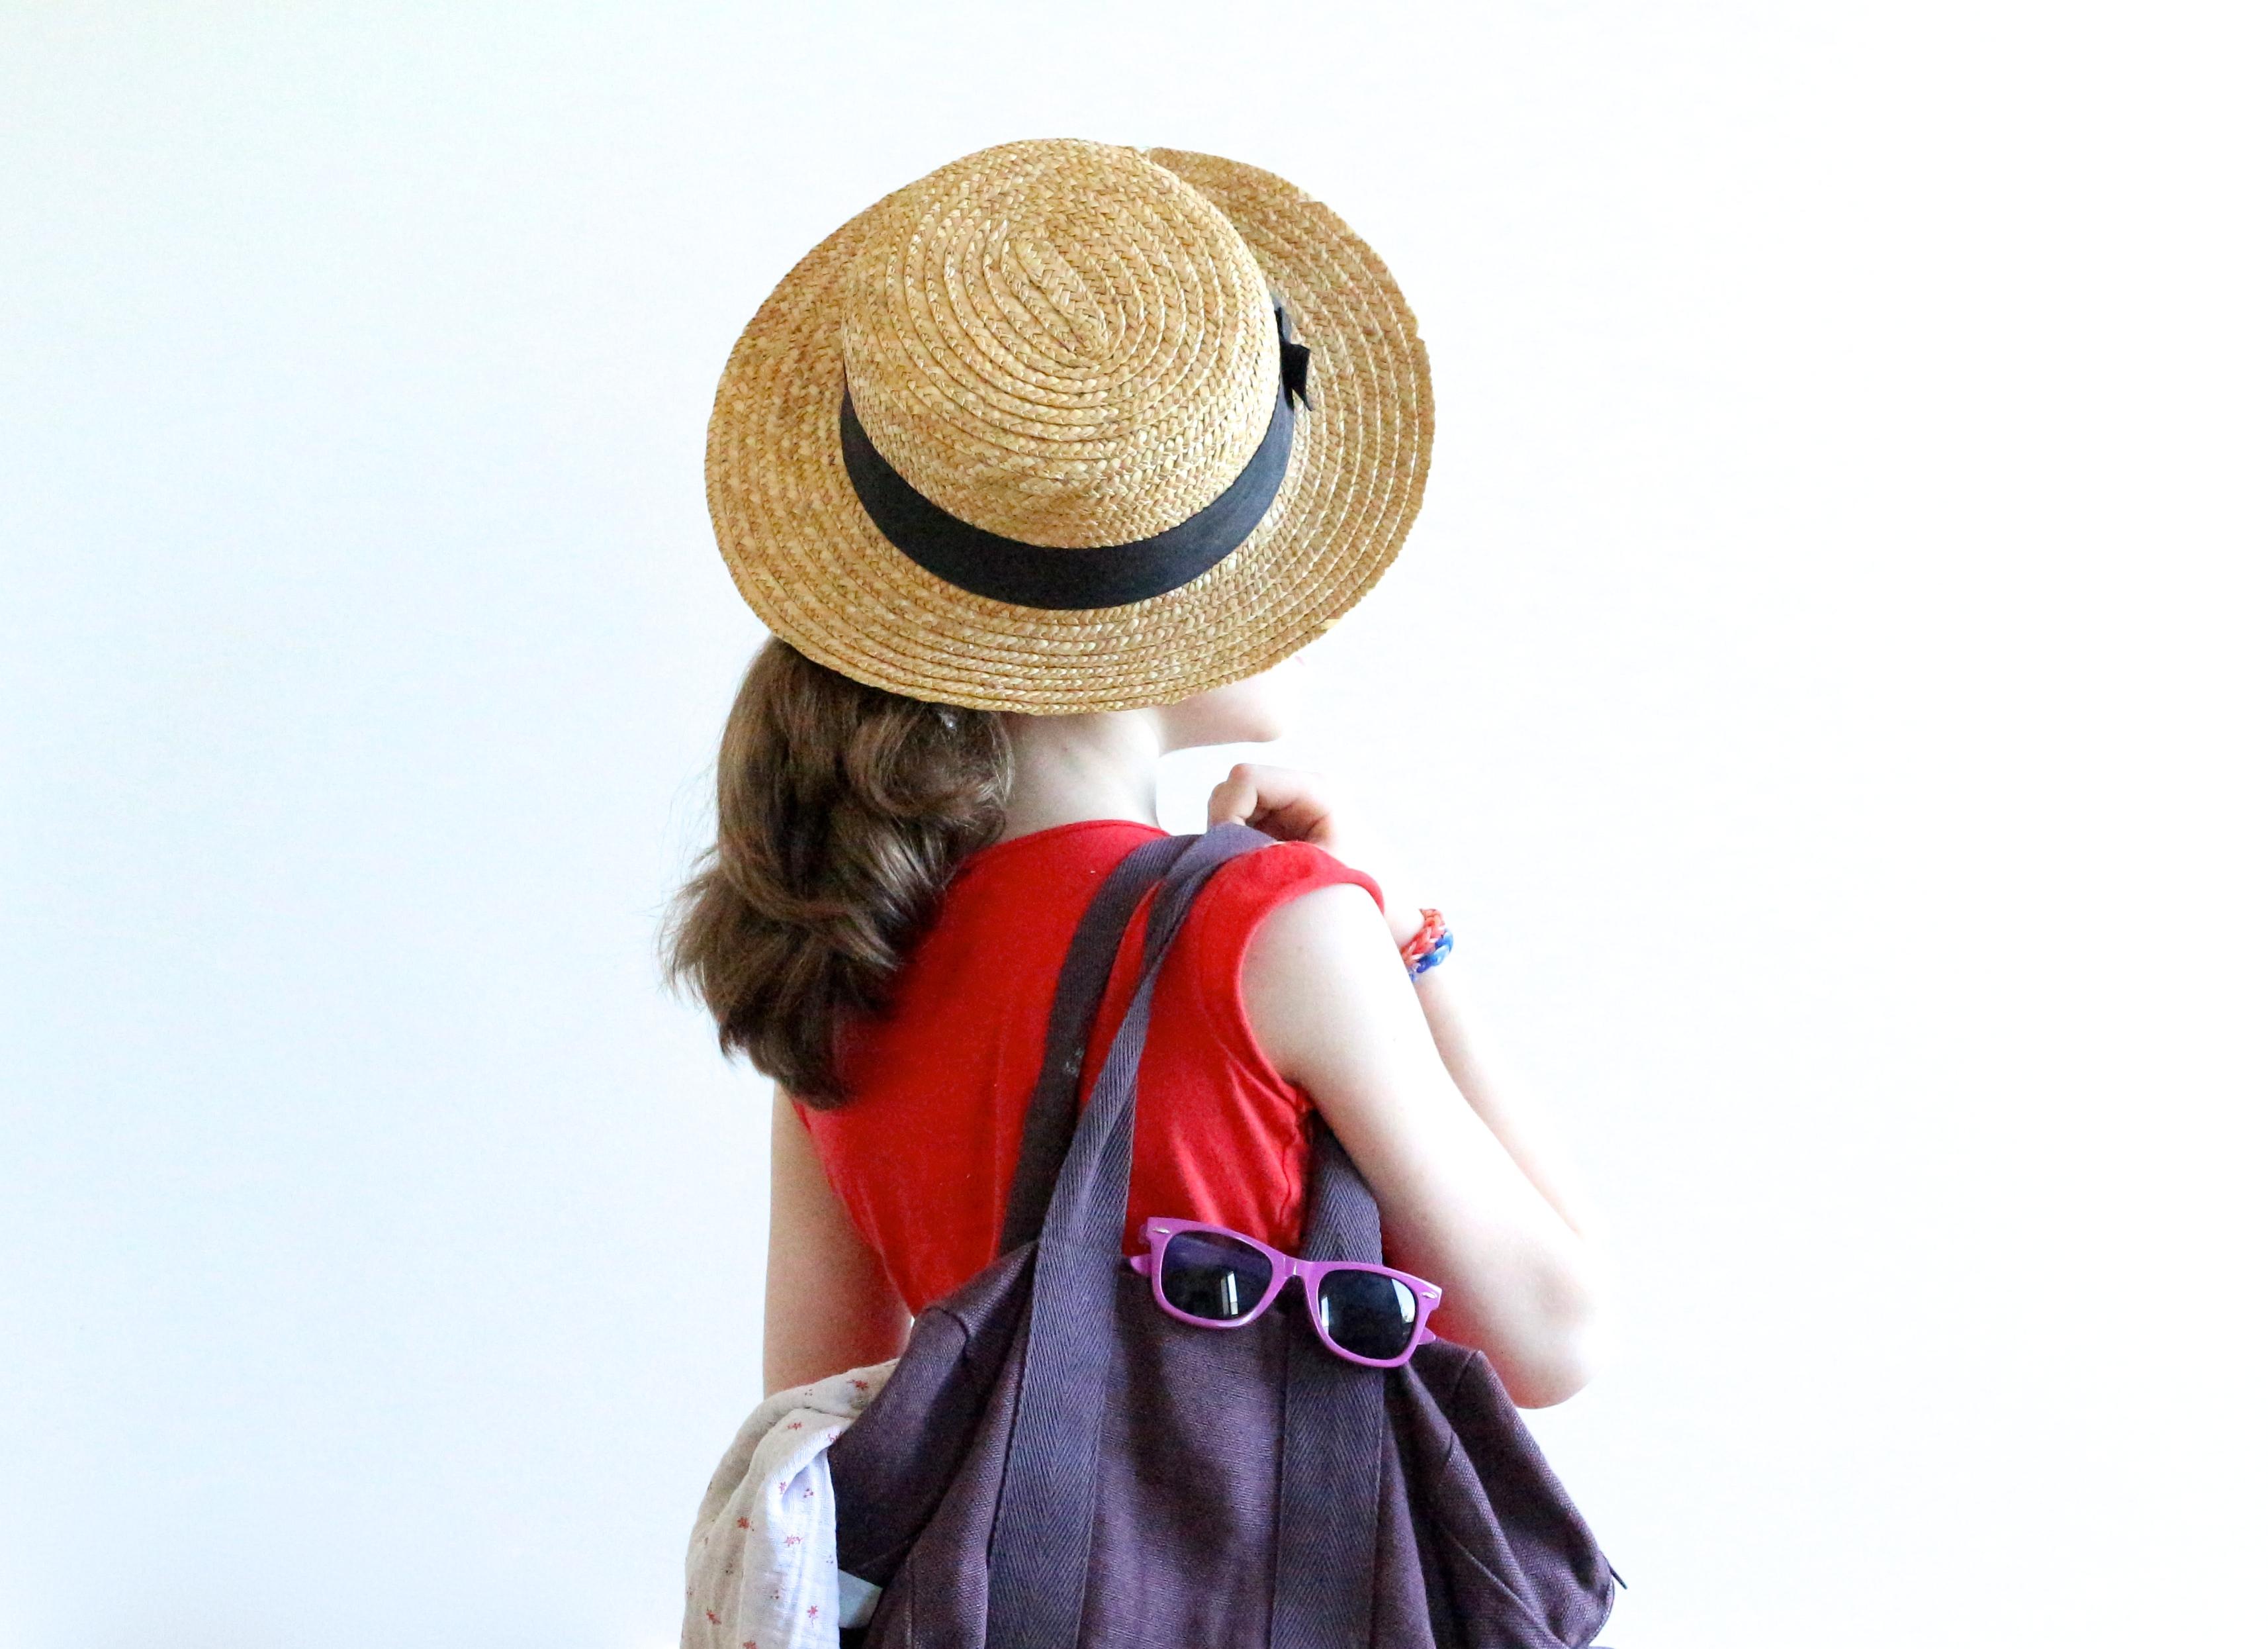 Sélection bagages enfant / kids luggage sélection : samsonite, eastpak, bensimon